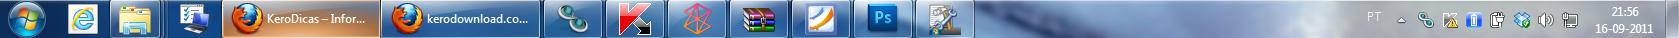 W7 Taskbar Tweaker 2.1.6